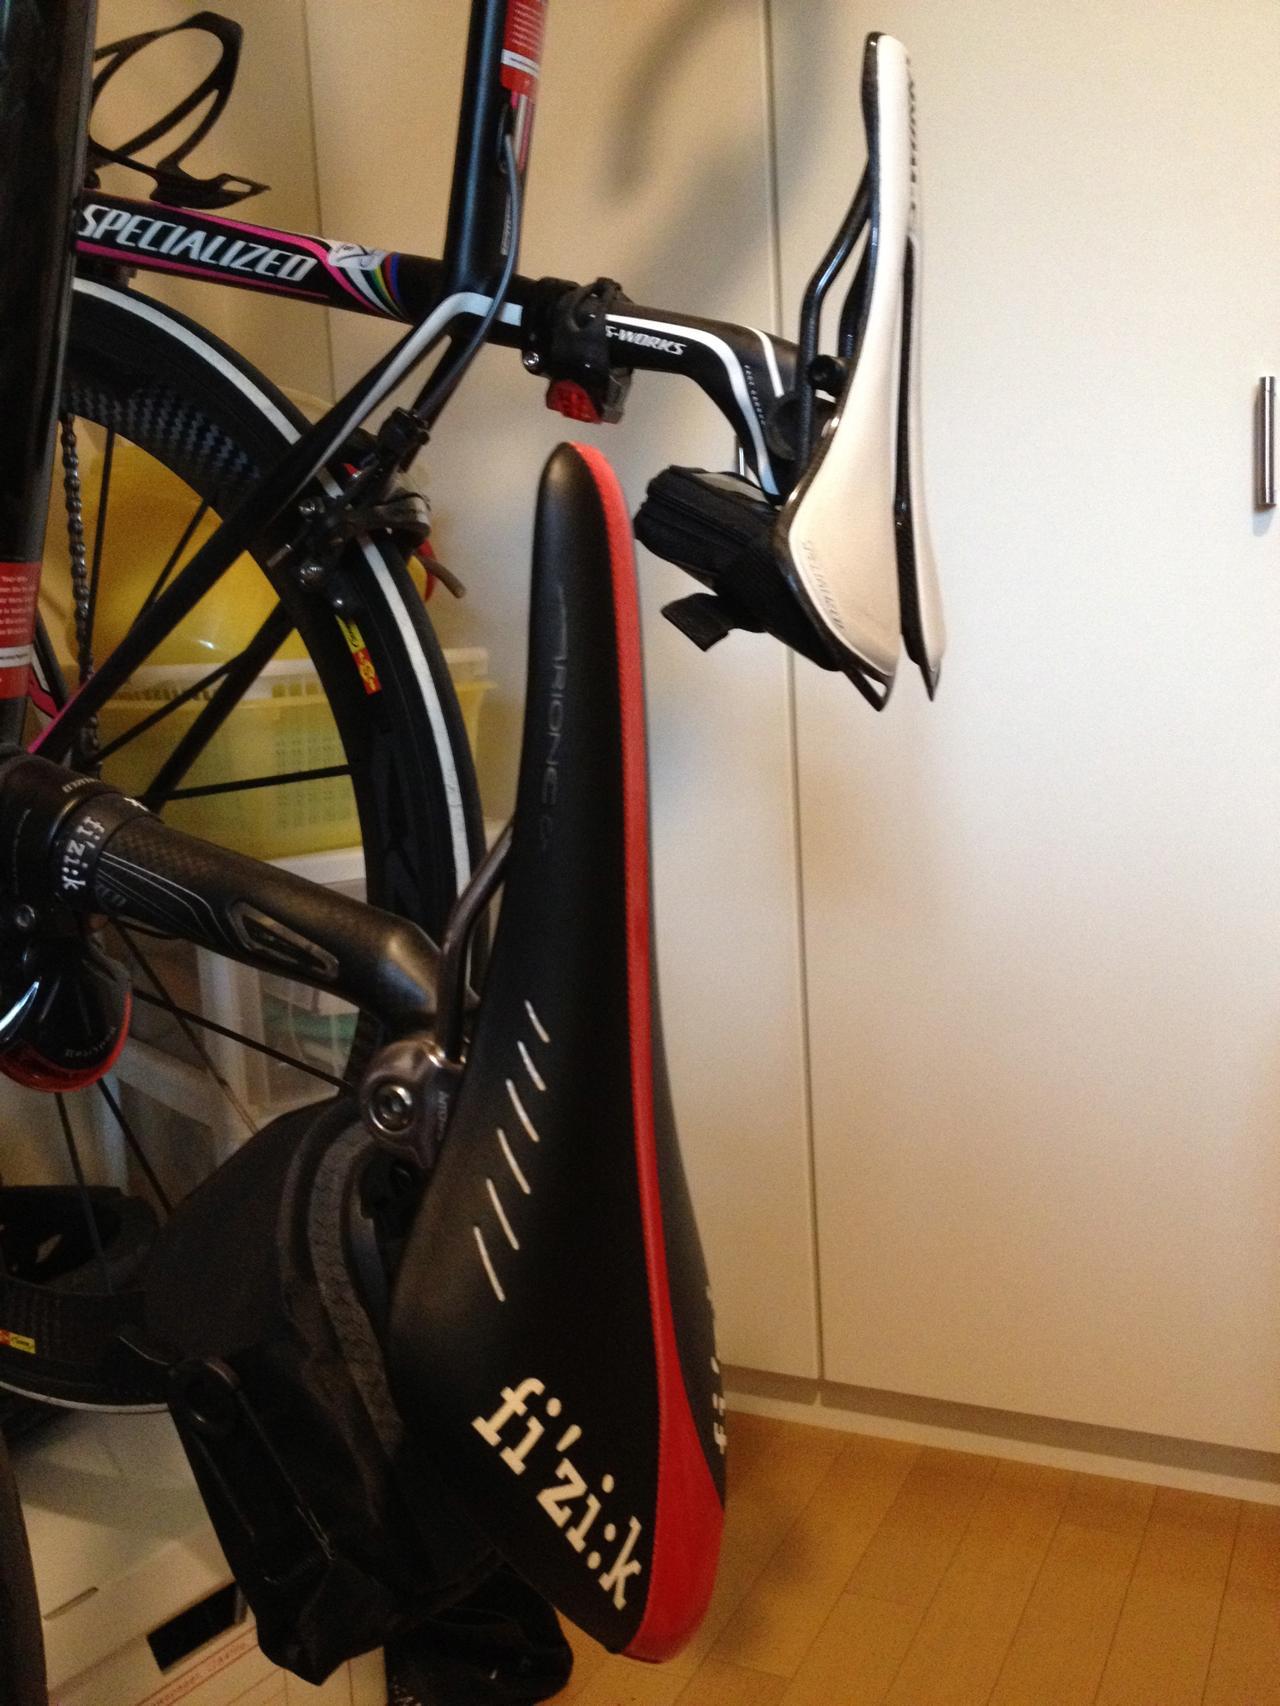 自転車の 自転車 尻の痛み : お尻の痛みに対処する 自転車 ...